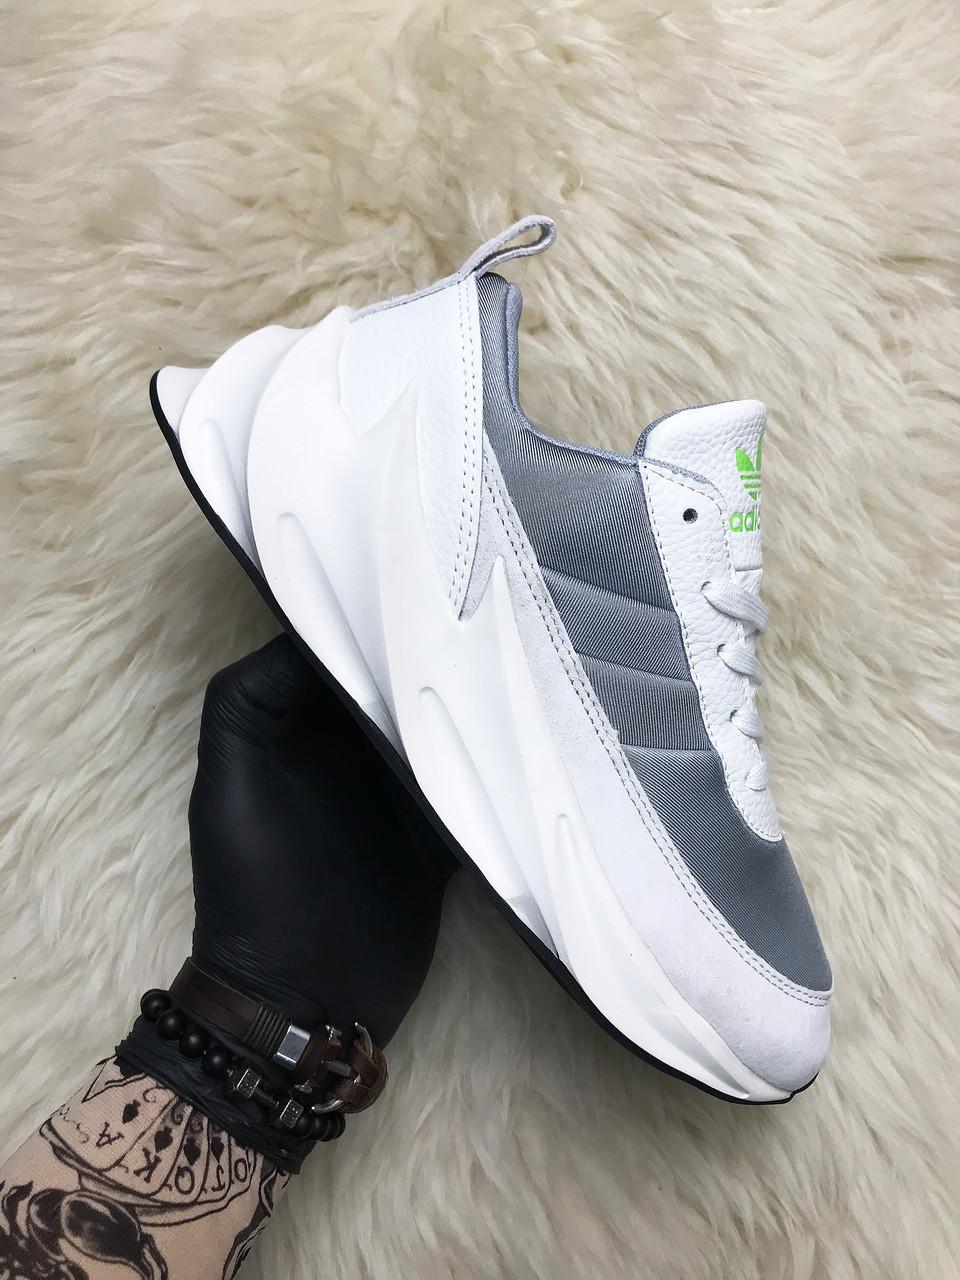 Мужские кроссовки Adidas Sharks White Gray, мужские кроссовки адидас шарк